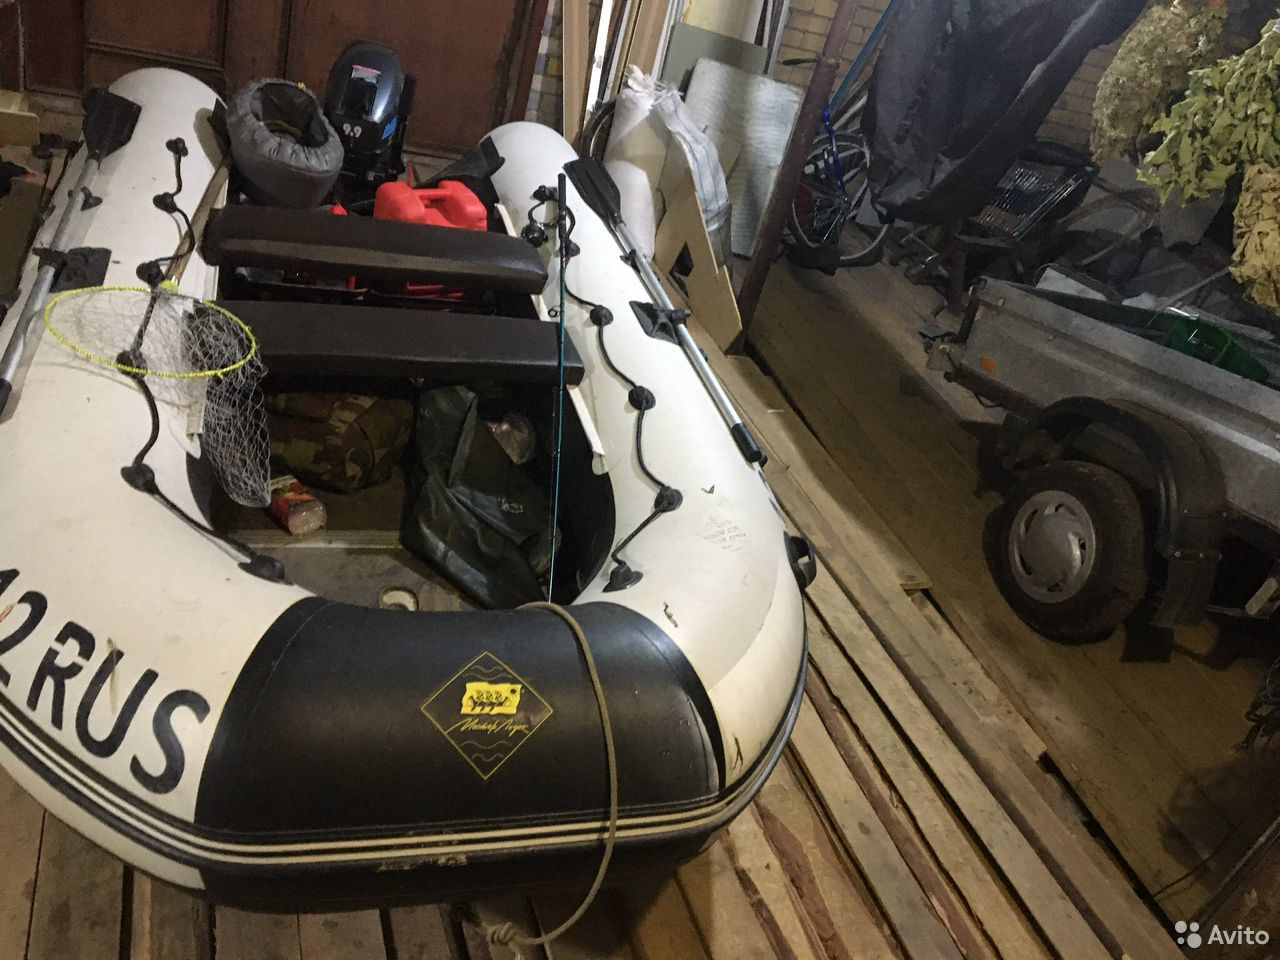 Пвх лодка Ривьера 3600ск  89613360170 купить 3